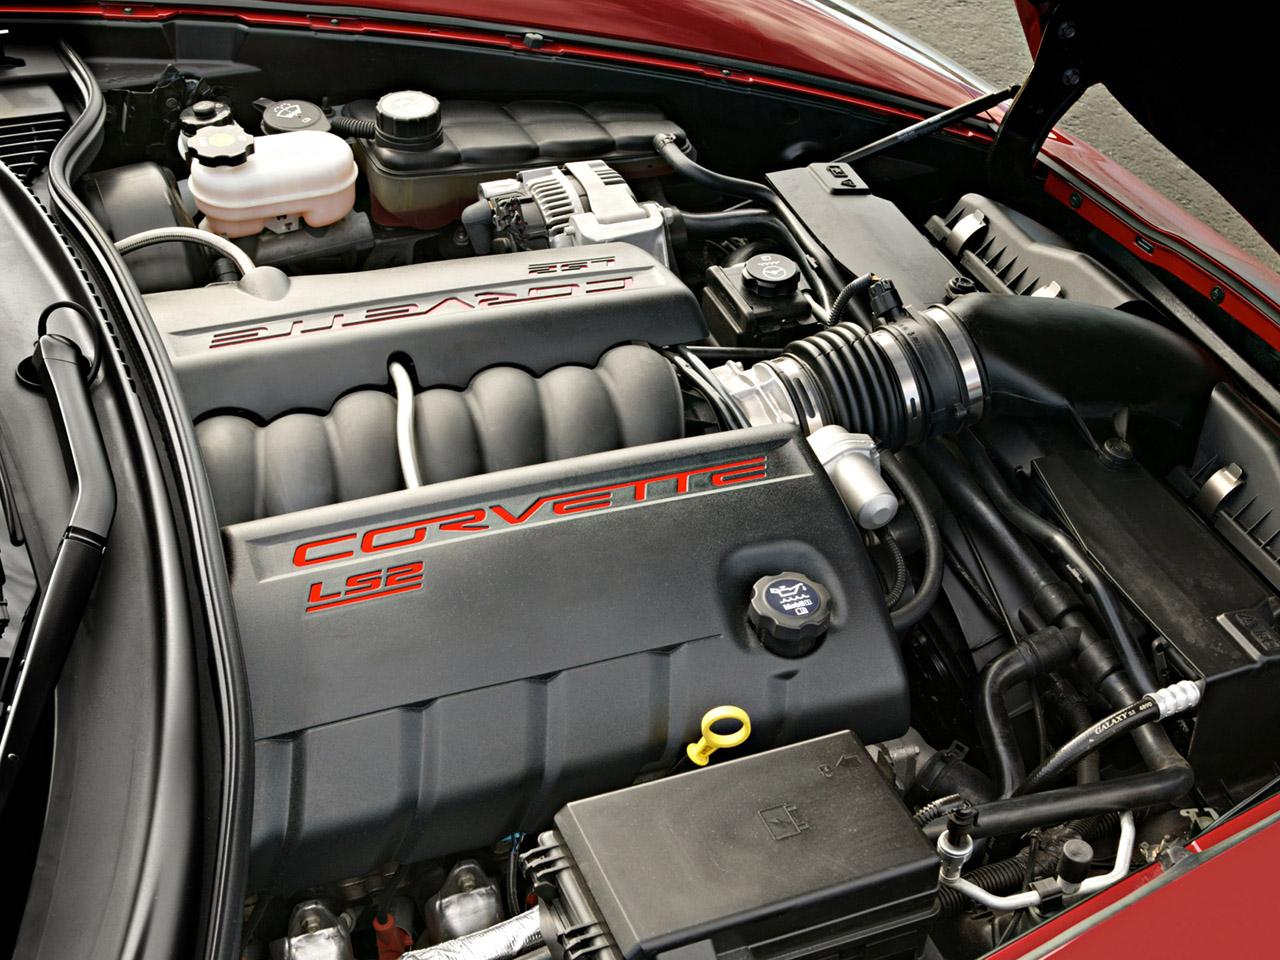 2005-Chevrolet-Corvette-C6-engine-1280x960.jpg ...